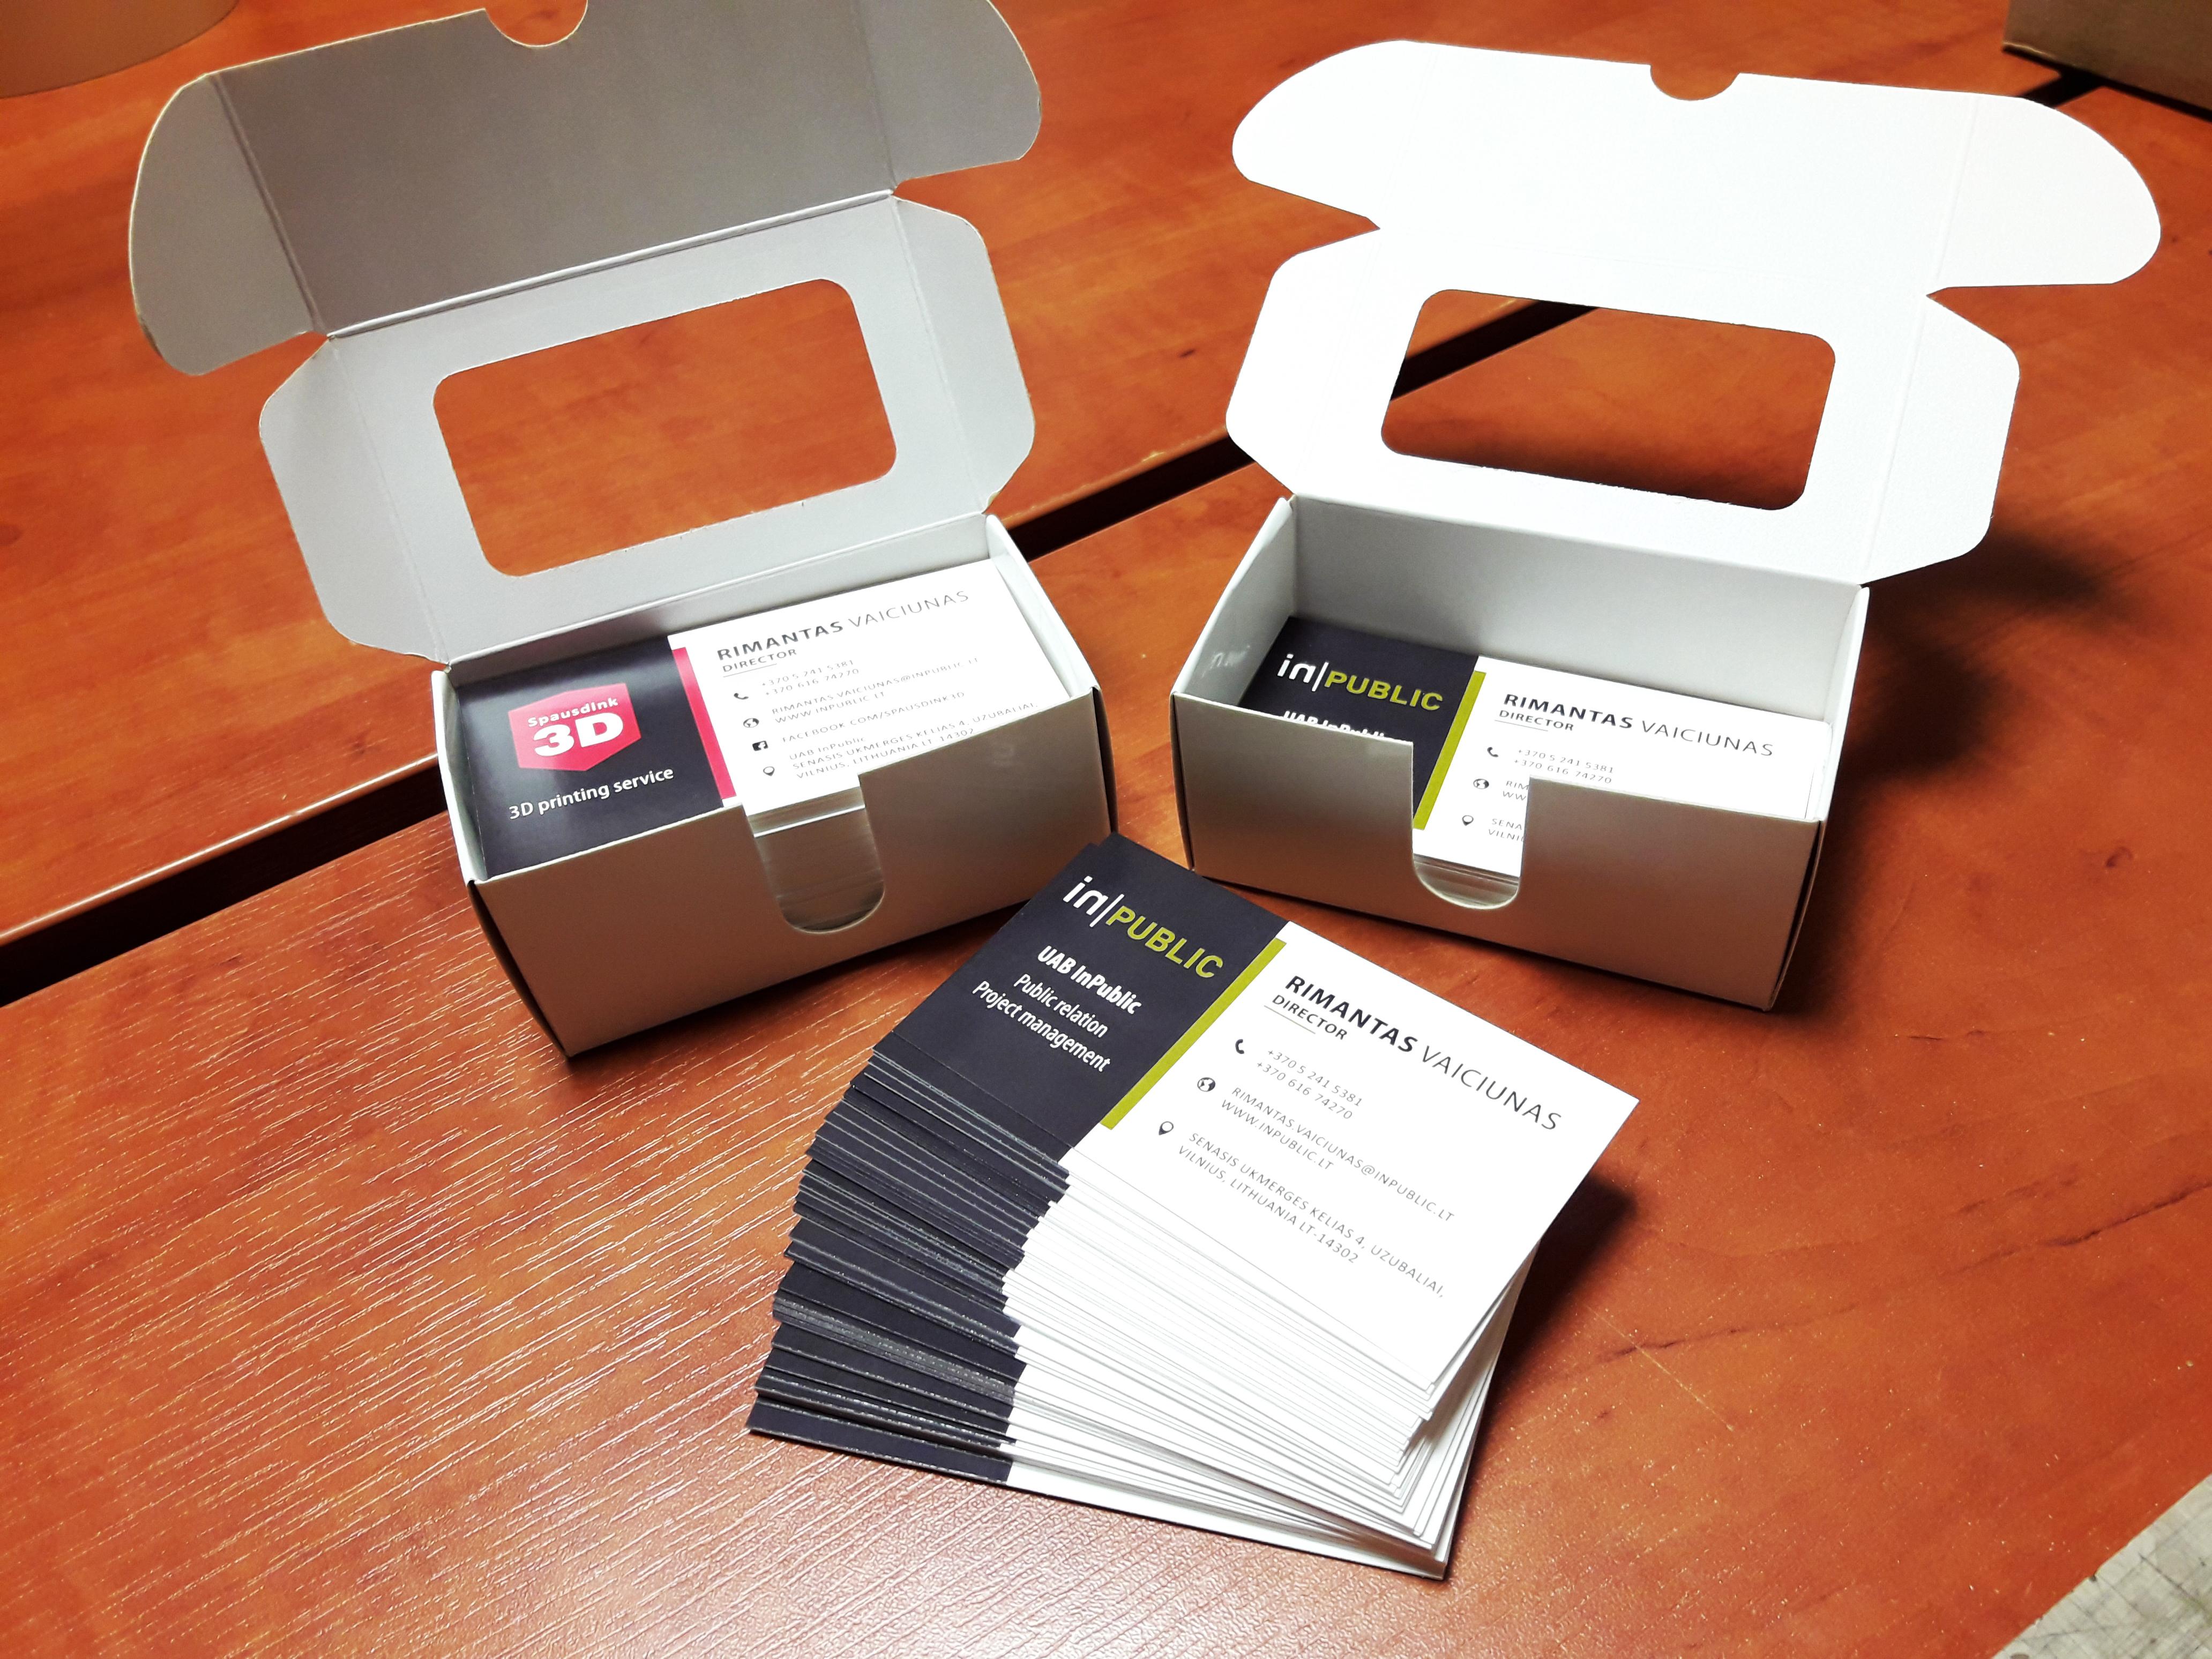 Vizitinių kortelių spausdinimas